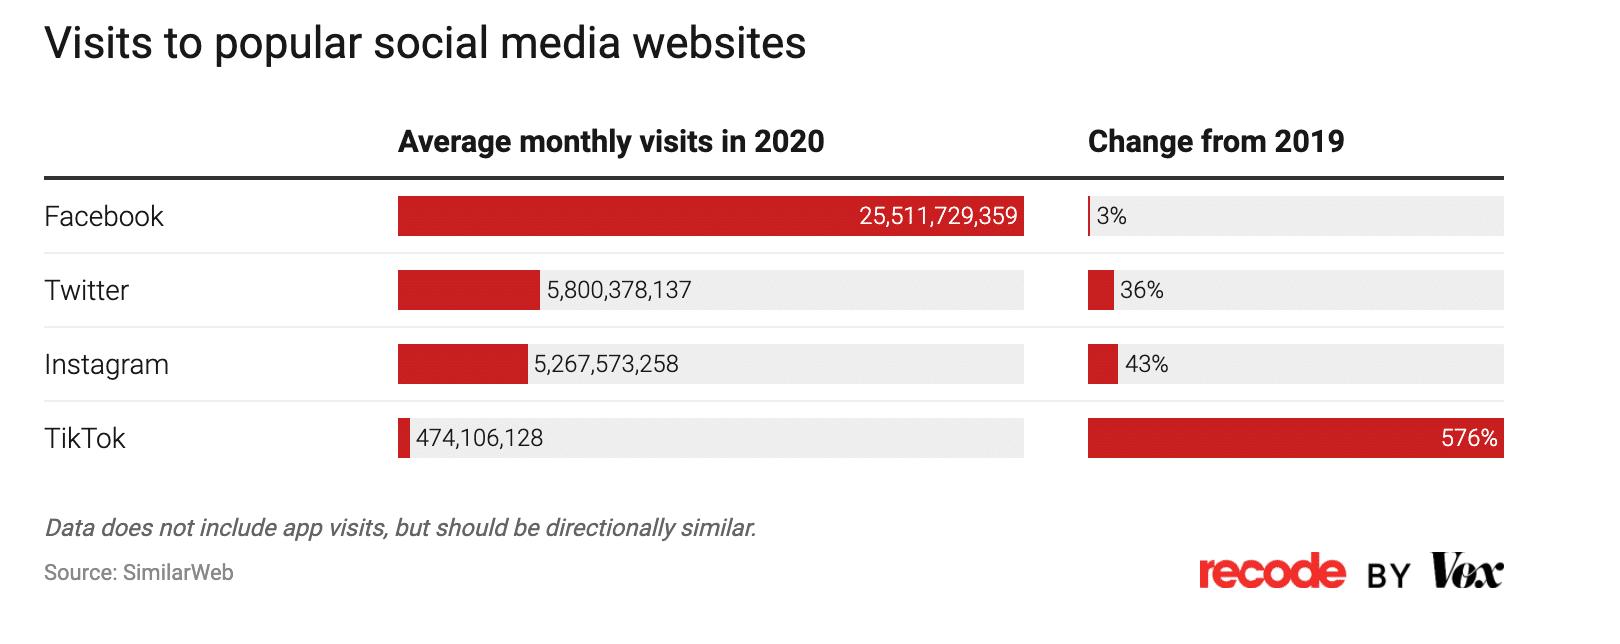 visits to popular social media websites data